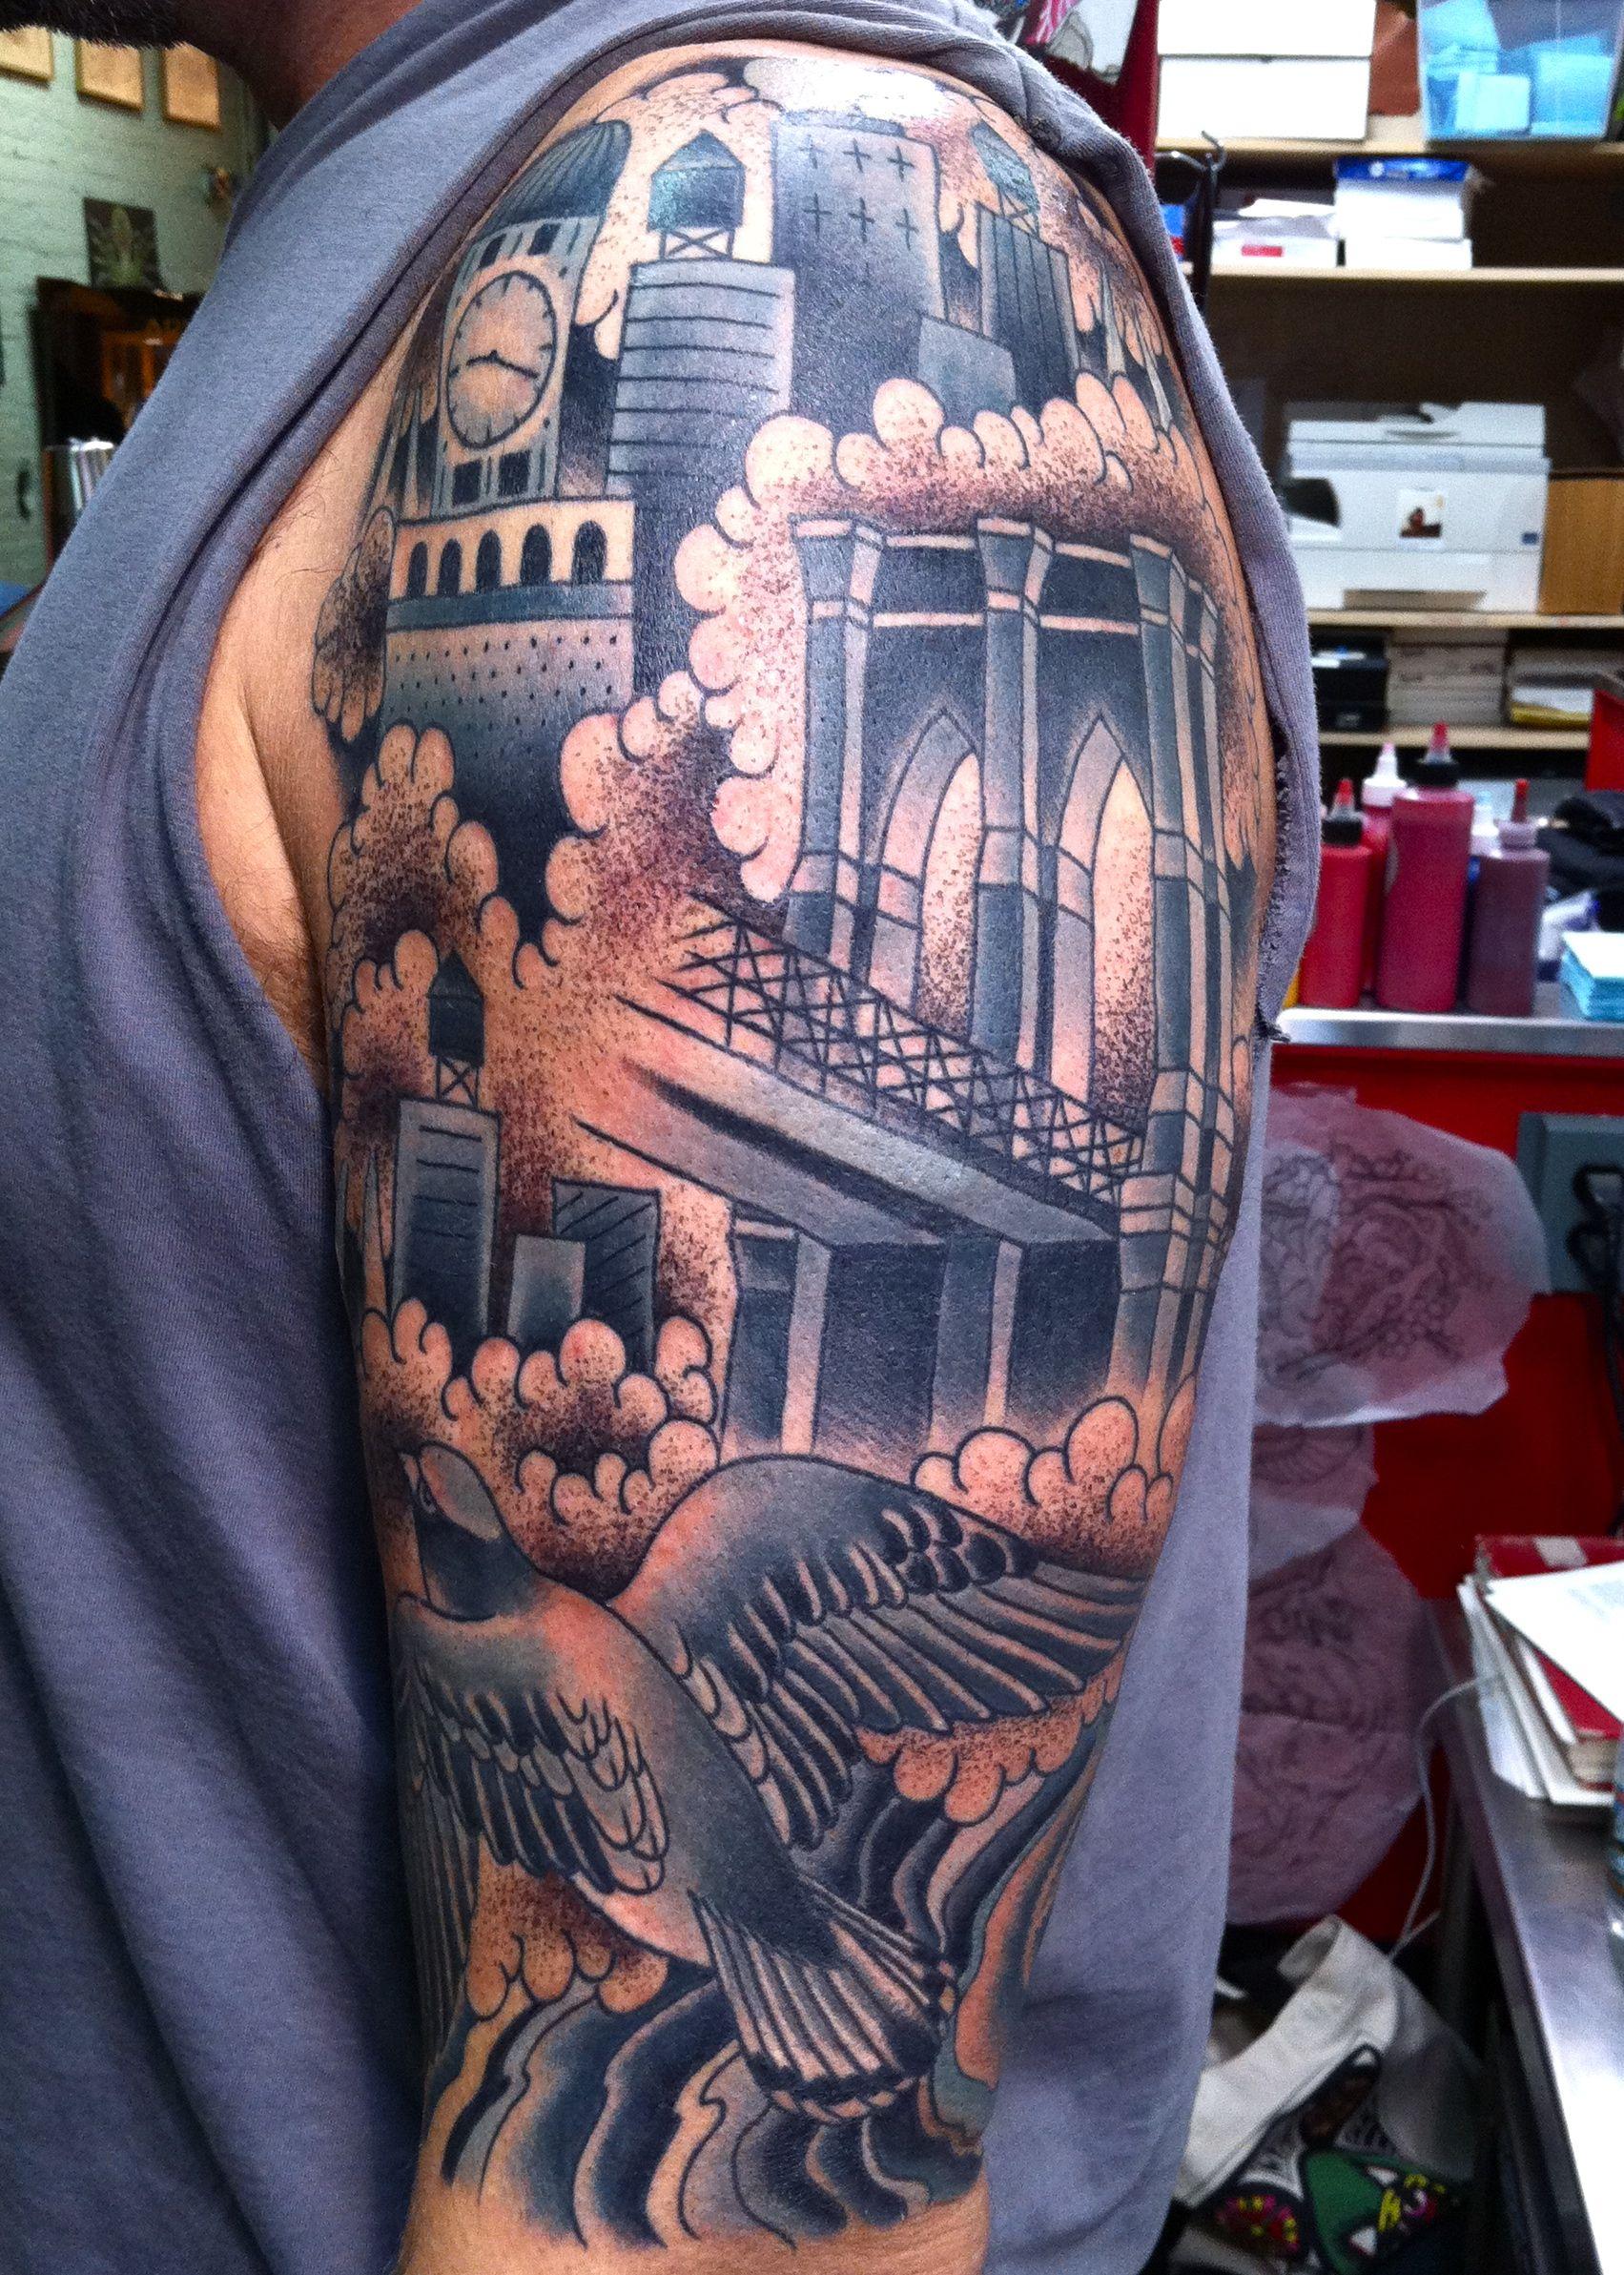 Get back to work tattoos top tattoos bridge tattoo